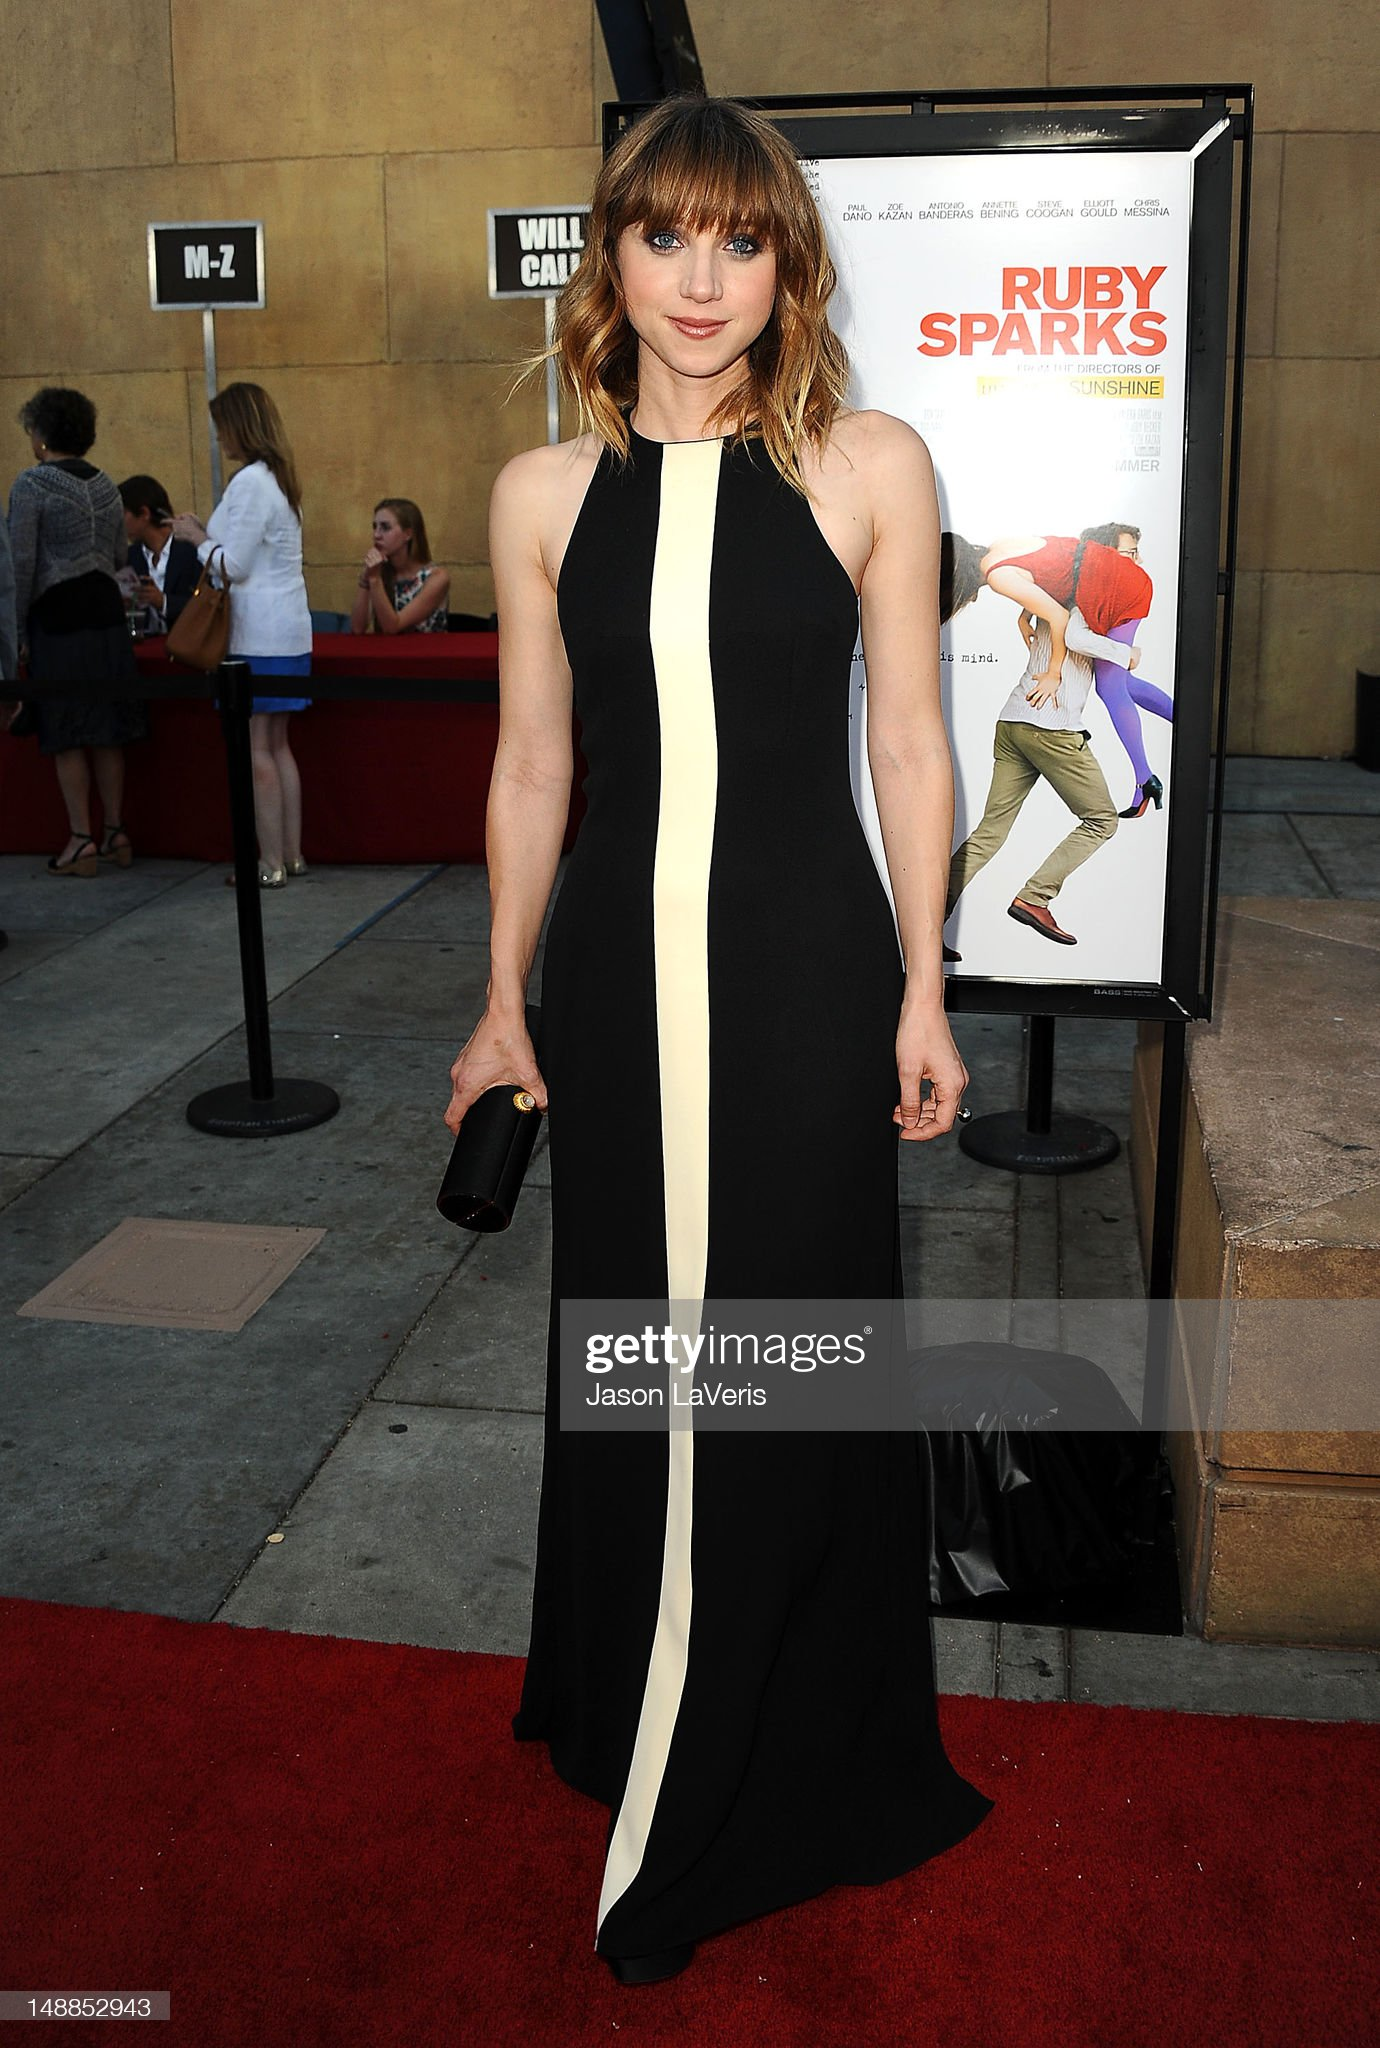 Ruby Sparks Premiere - Los Angeles, CA : News Photo